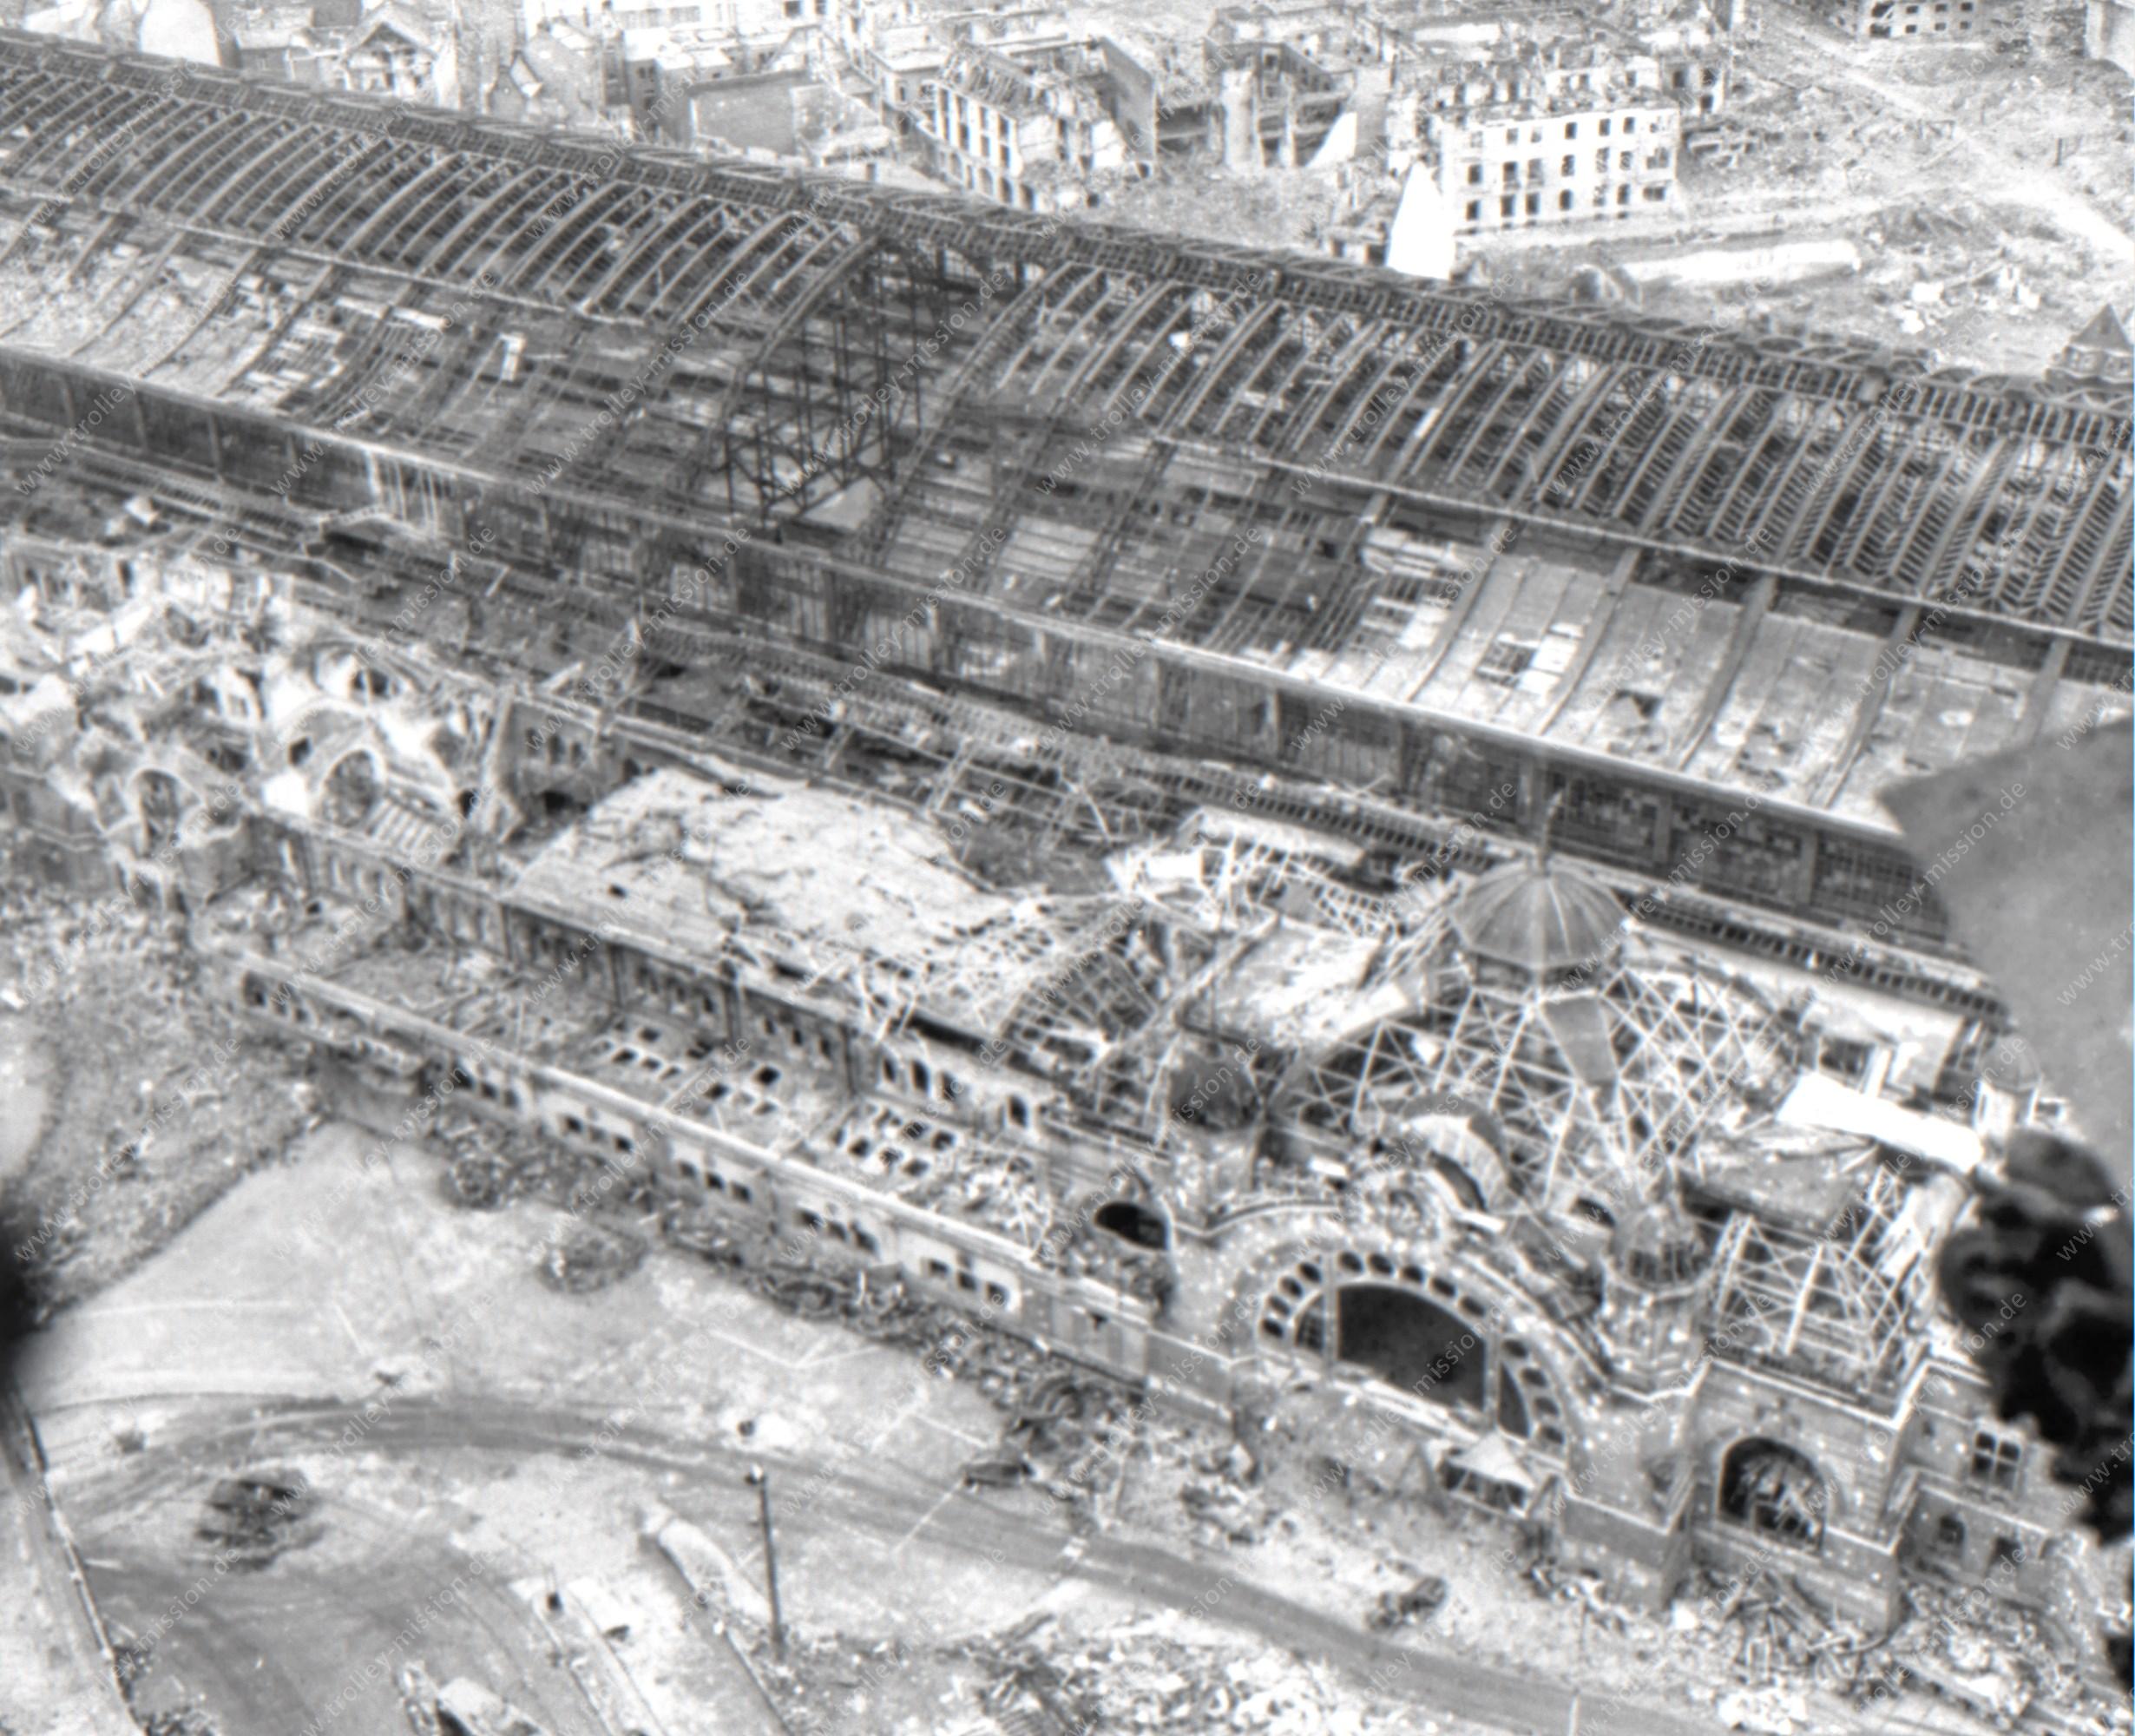 Eingangsportal des alten Kölner Hauptbahnhofes nach den Luftangriffen im Mai 1945